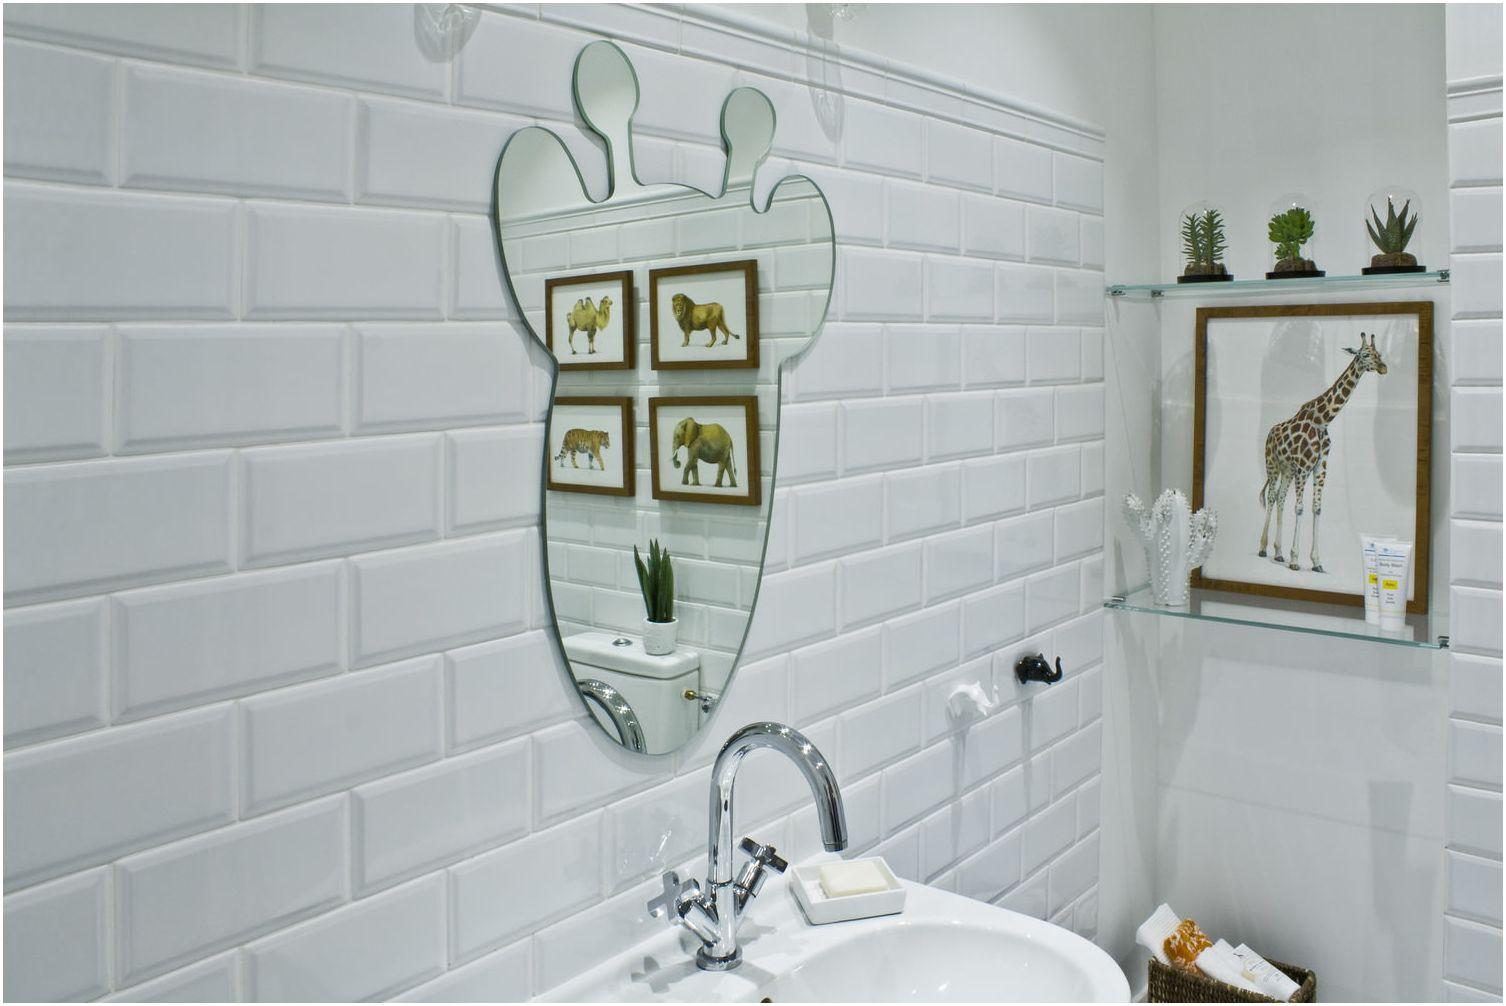 огледало под формата на жираф в дизайна на детска баня